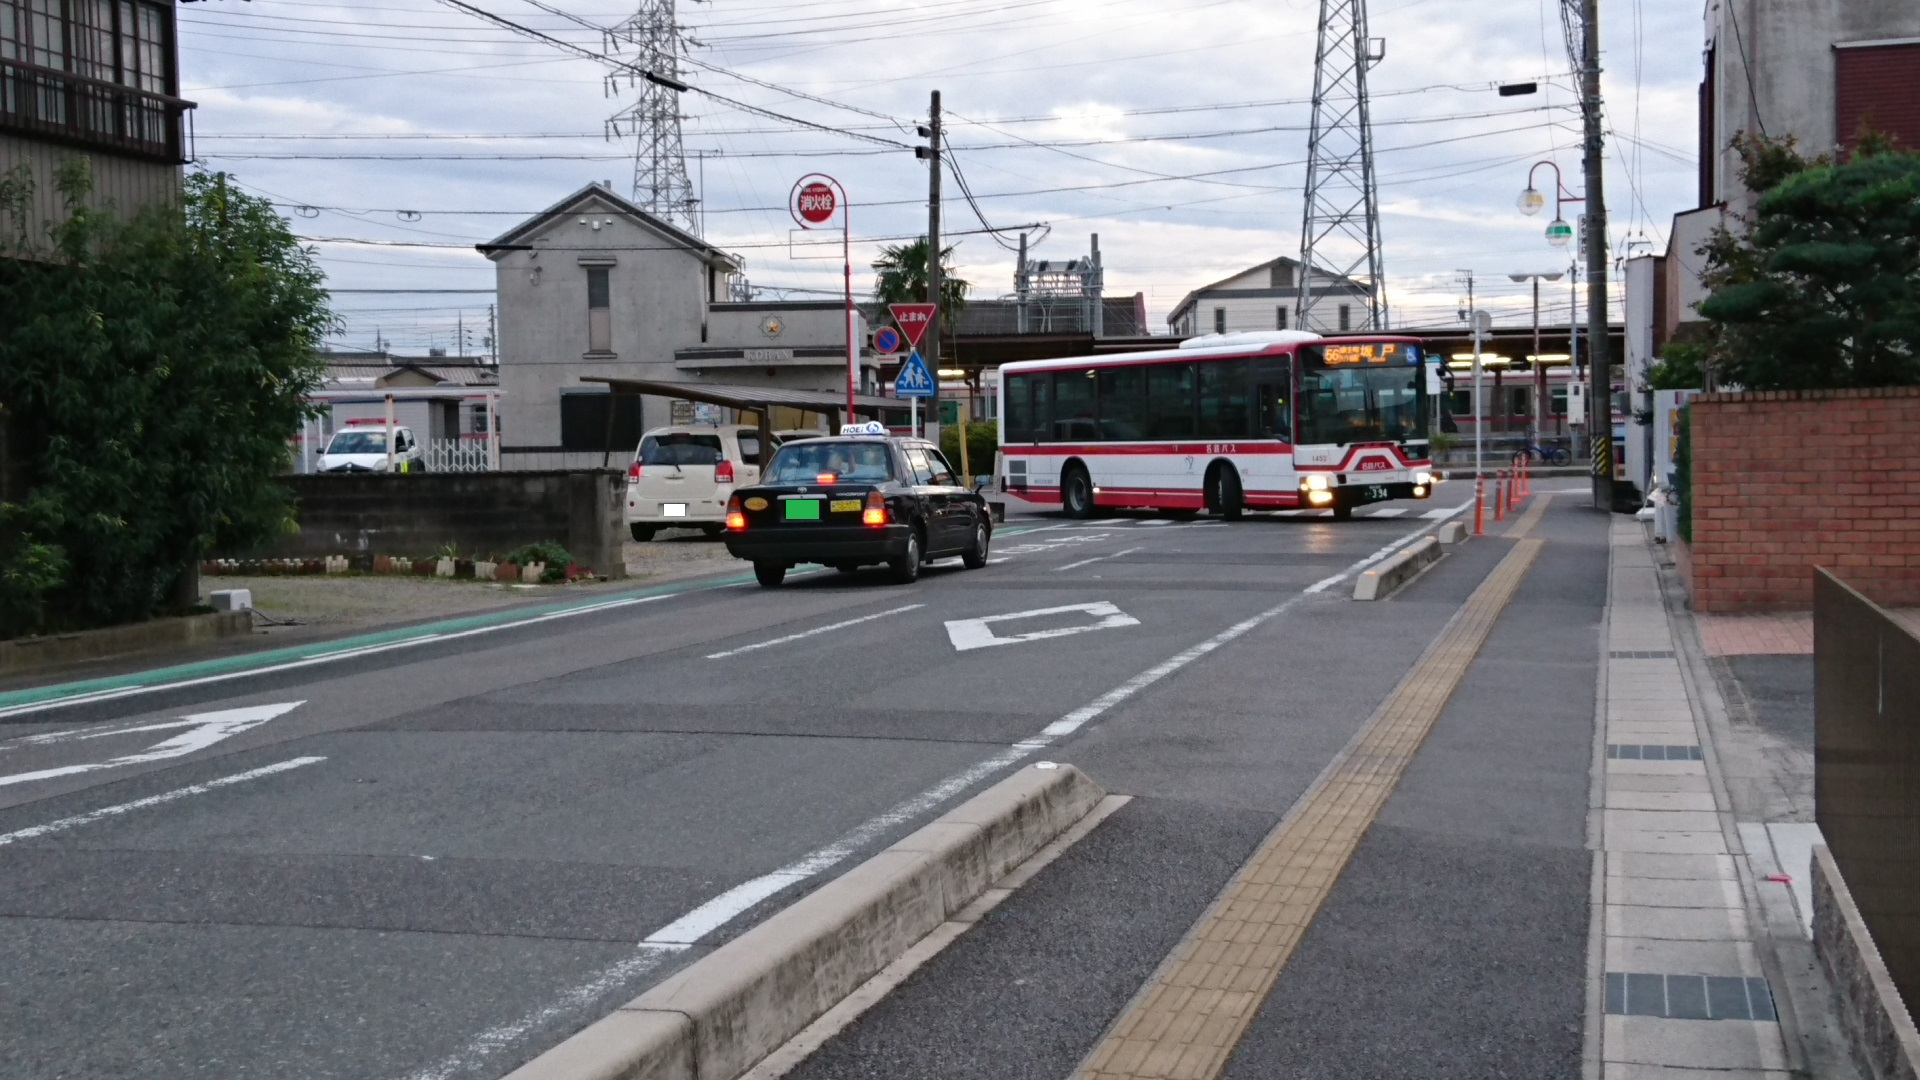 2016.10.23 名鉄バスで坂戸まで (1) 矢作橋駅バス停 - 名鉄バス 1920-1080